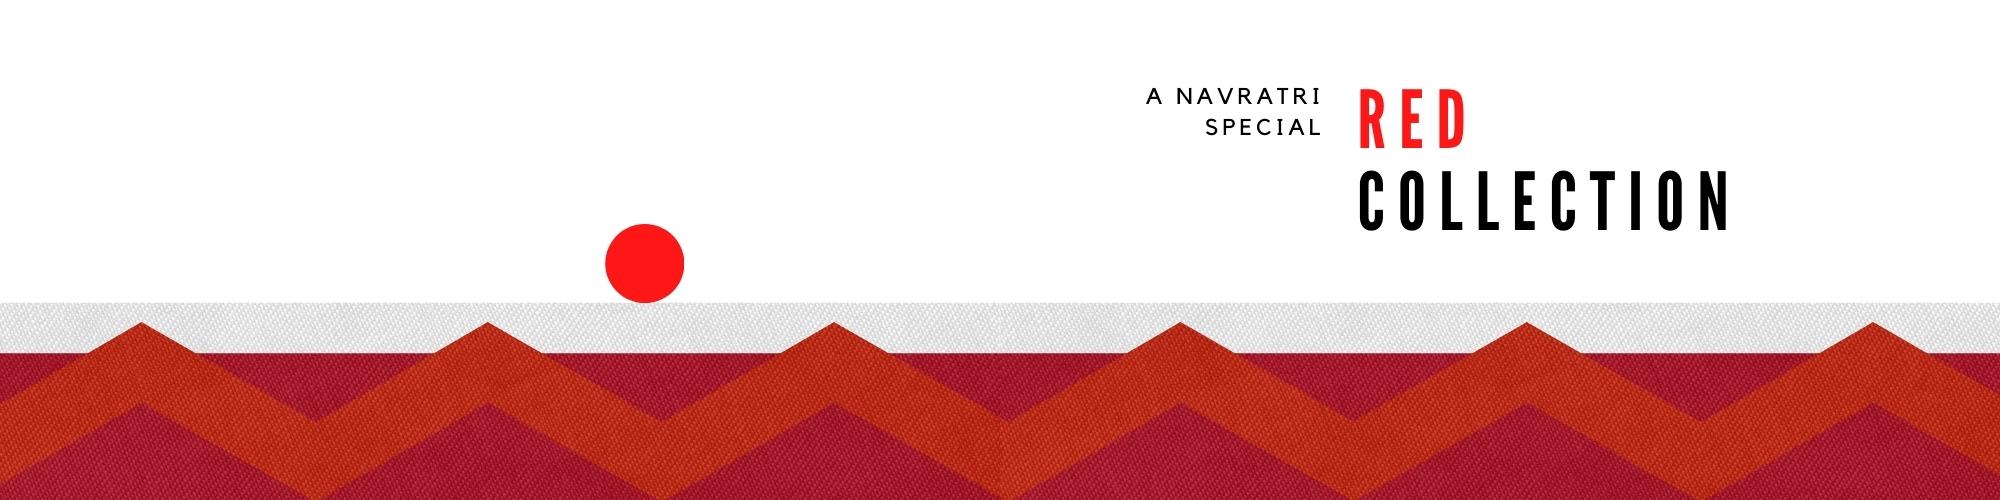 A Navratri Collection